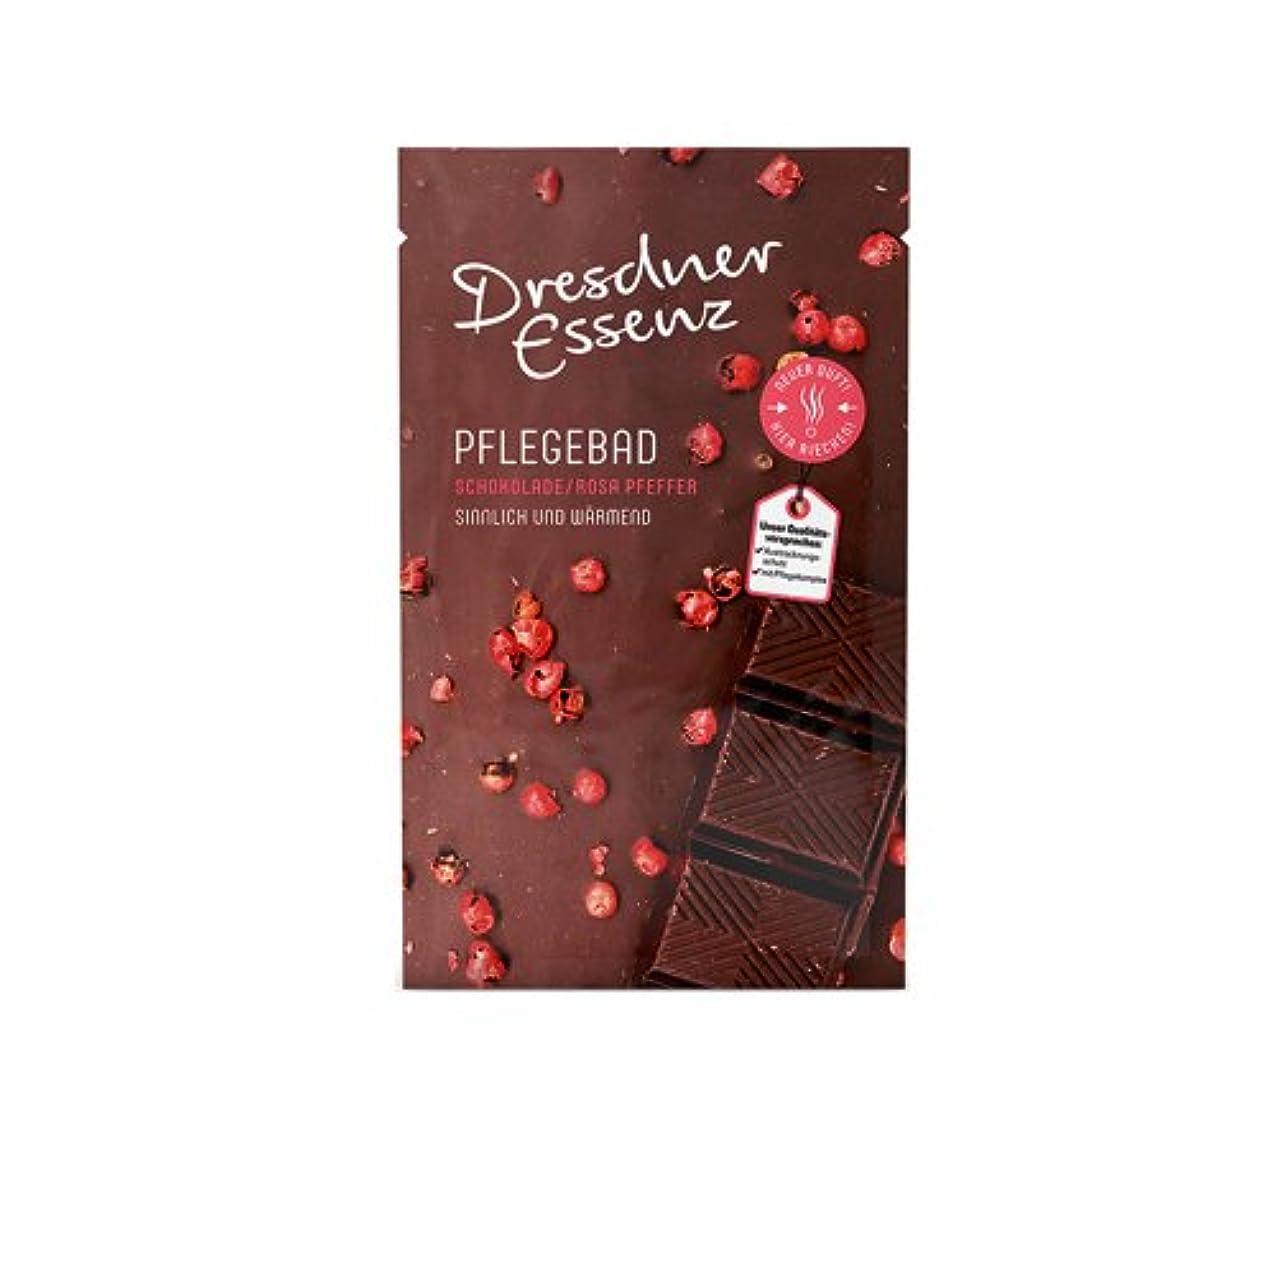 調停者誇張ホイストドレスナーエッセンス バスエッセンス チョコレートピンクペッパー《正規輸入品》